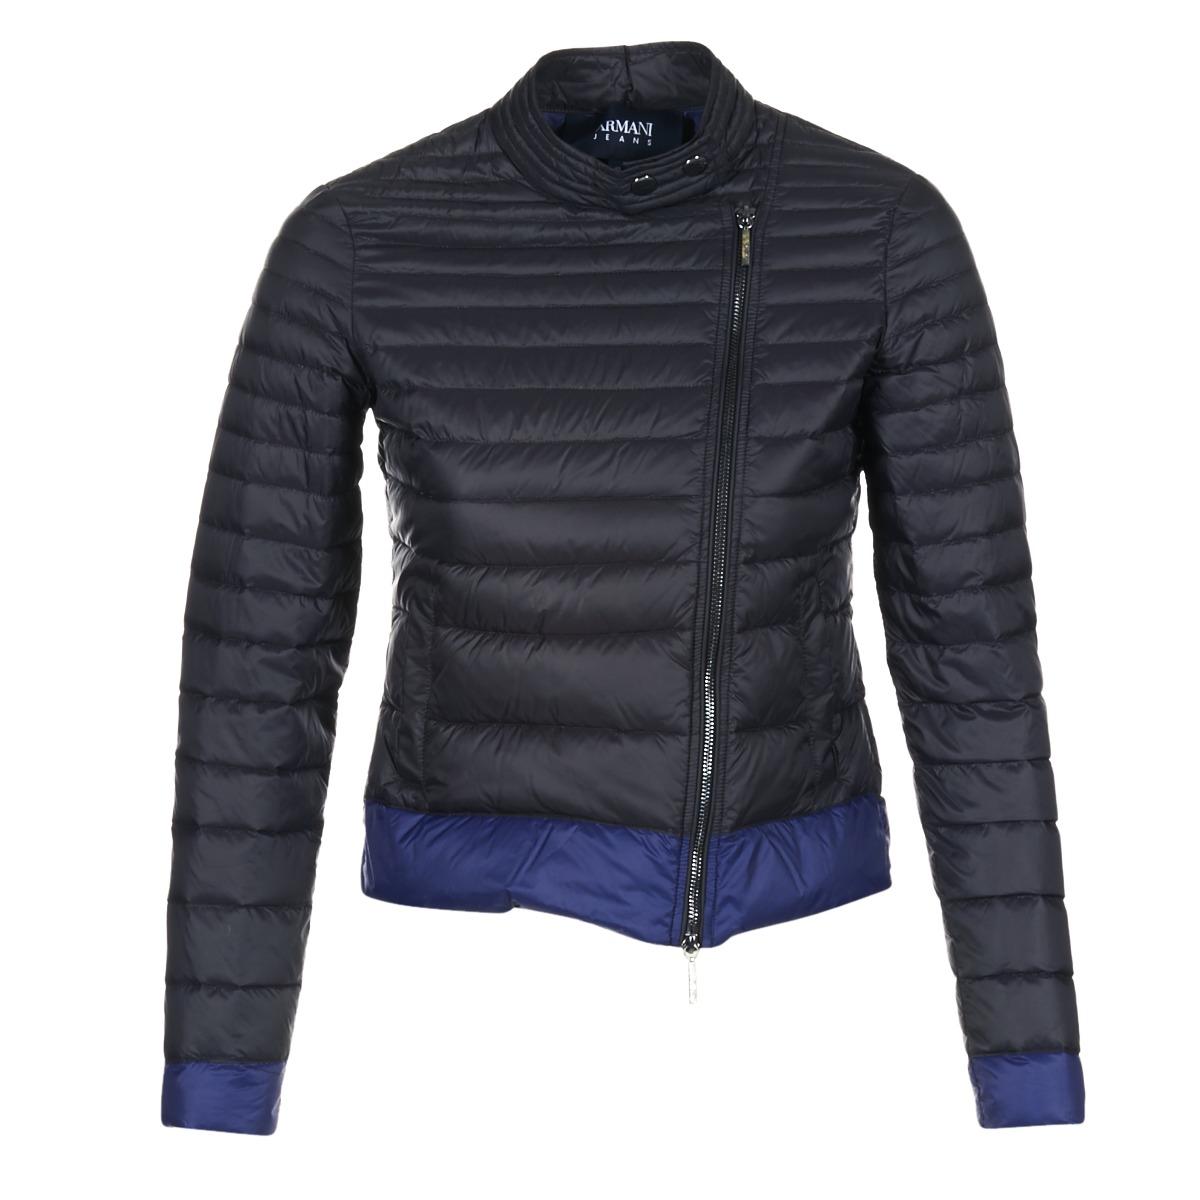 Armani jeans BEAUJADO Noir   Bleu - Livraison Gratuite avec Spartoo.com ! -  Vêtements Doudounes Femme 297,00 € f385fd7ec46